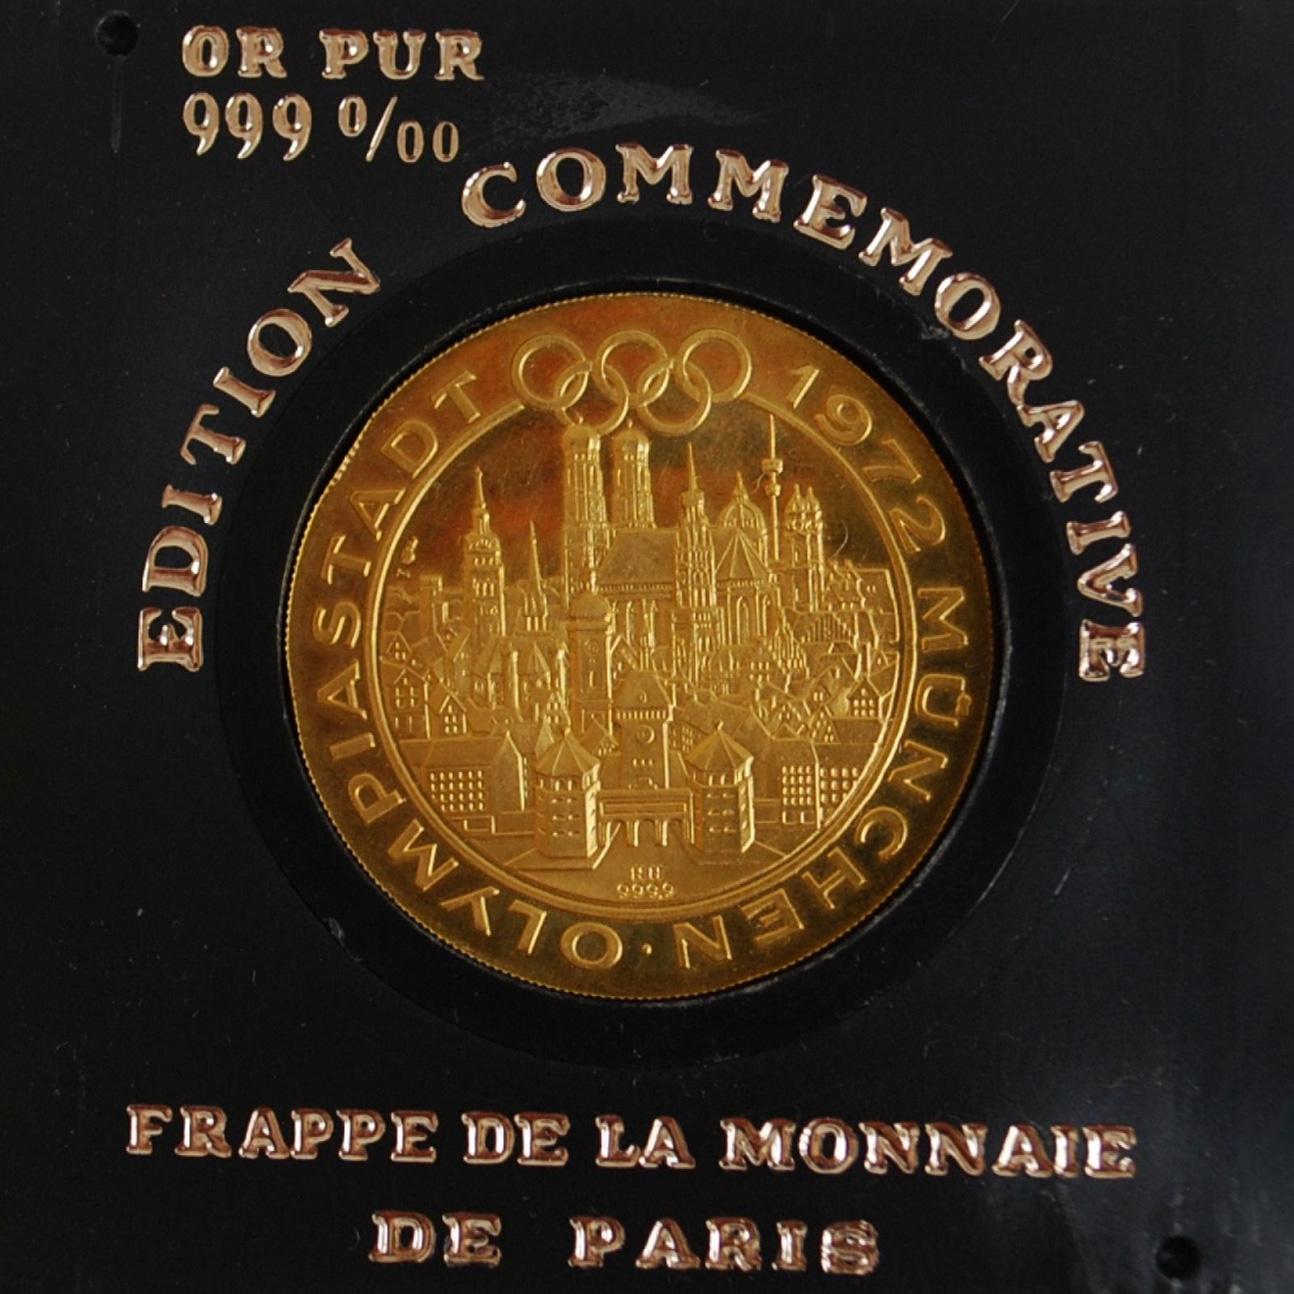 663€ Monnaie de Paris, pièce d'or,de l'édition commémorative des Jeuxde Munich de 1972, poids17,4g.Toulouse, 16mai 2019. ArtpaugéeO